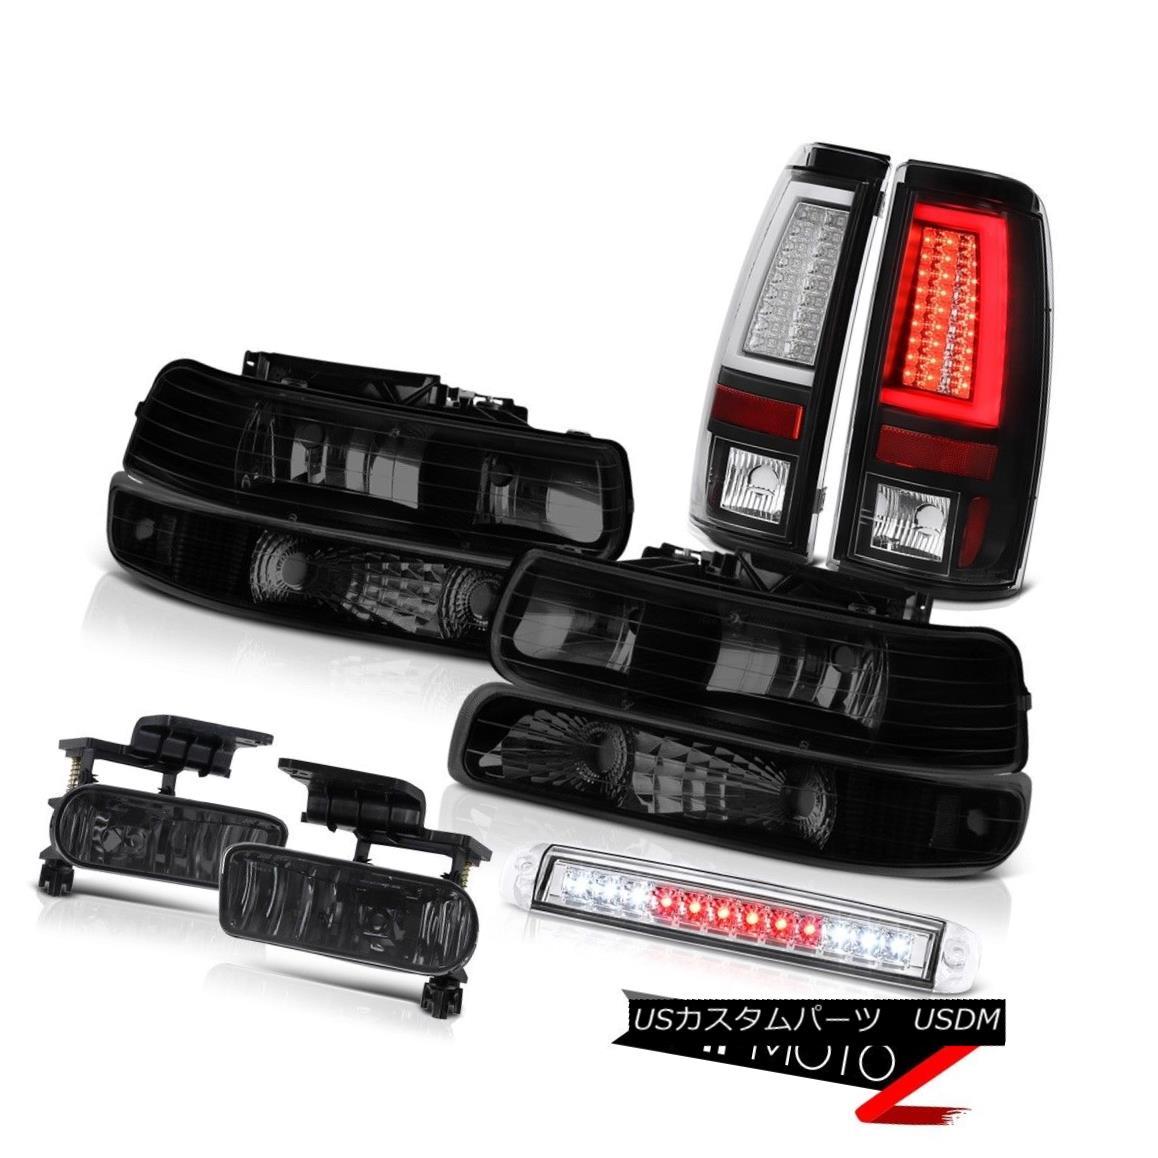 テールライト 1999-2002 Silverado 2500HD Tail Brake Lights Headlamps Bumper Roof Cab Light Fog 1999-2002 Silverado 2500HDテールブレーキライトヘッドランプバンパールーフキャブライトフォグ